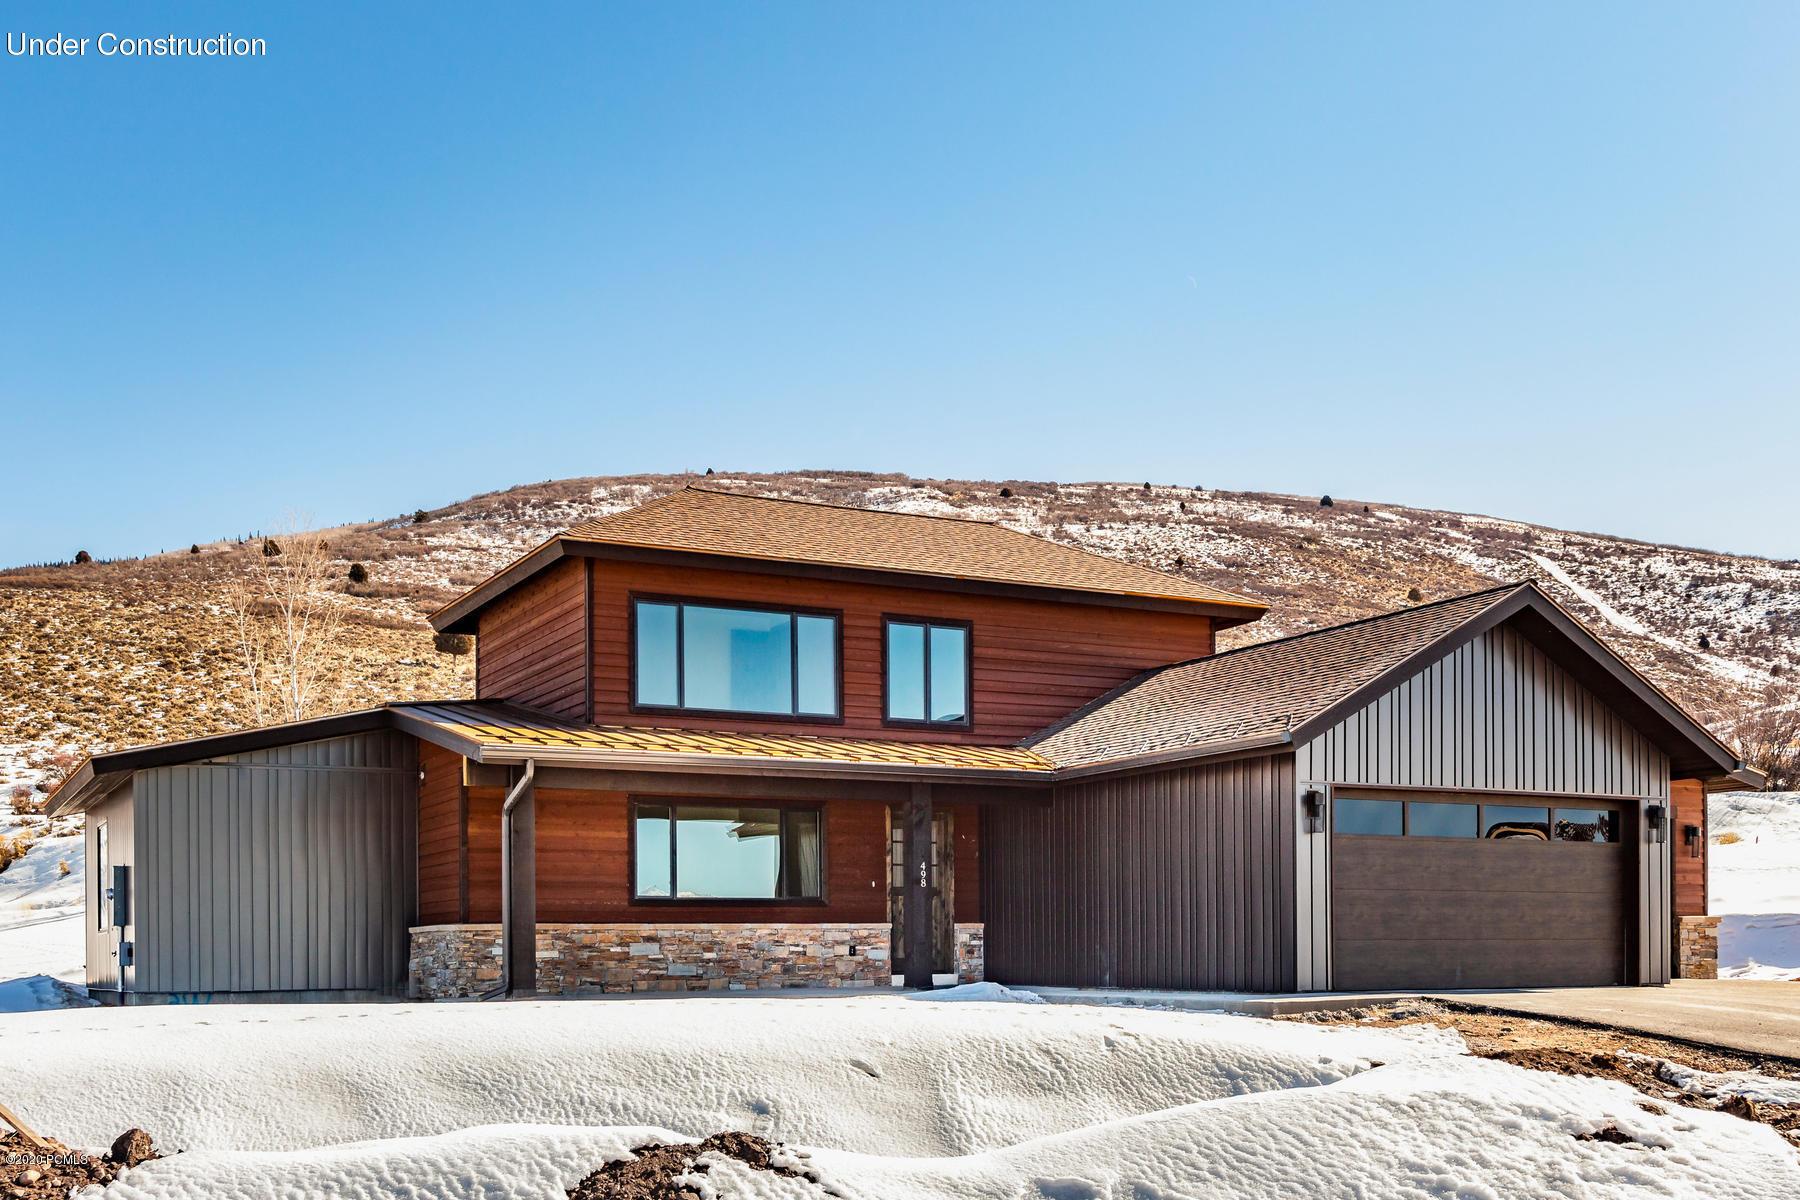 498 Thorn Creek Drive, Kamas, Utah 84036, 5 Bedrooms Bedrooms, ,6 BathroomsBathrooms,Single Family,For Sale,Thorn Creek,11908797